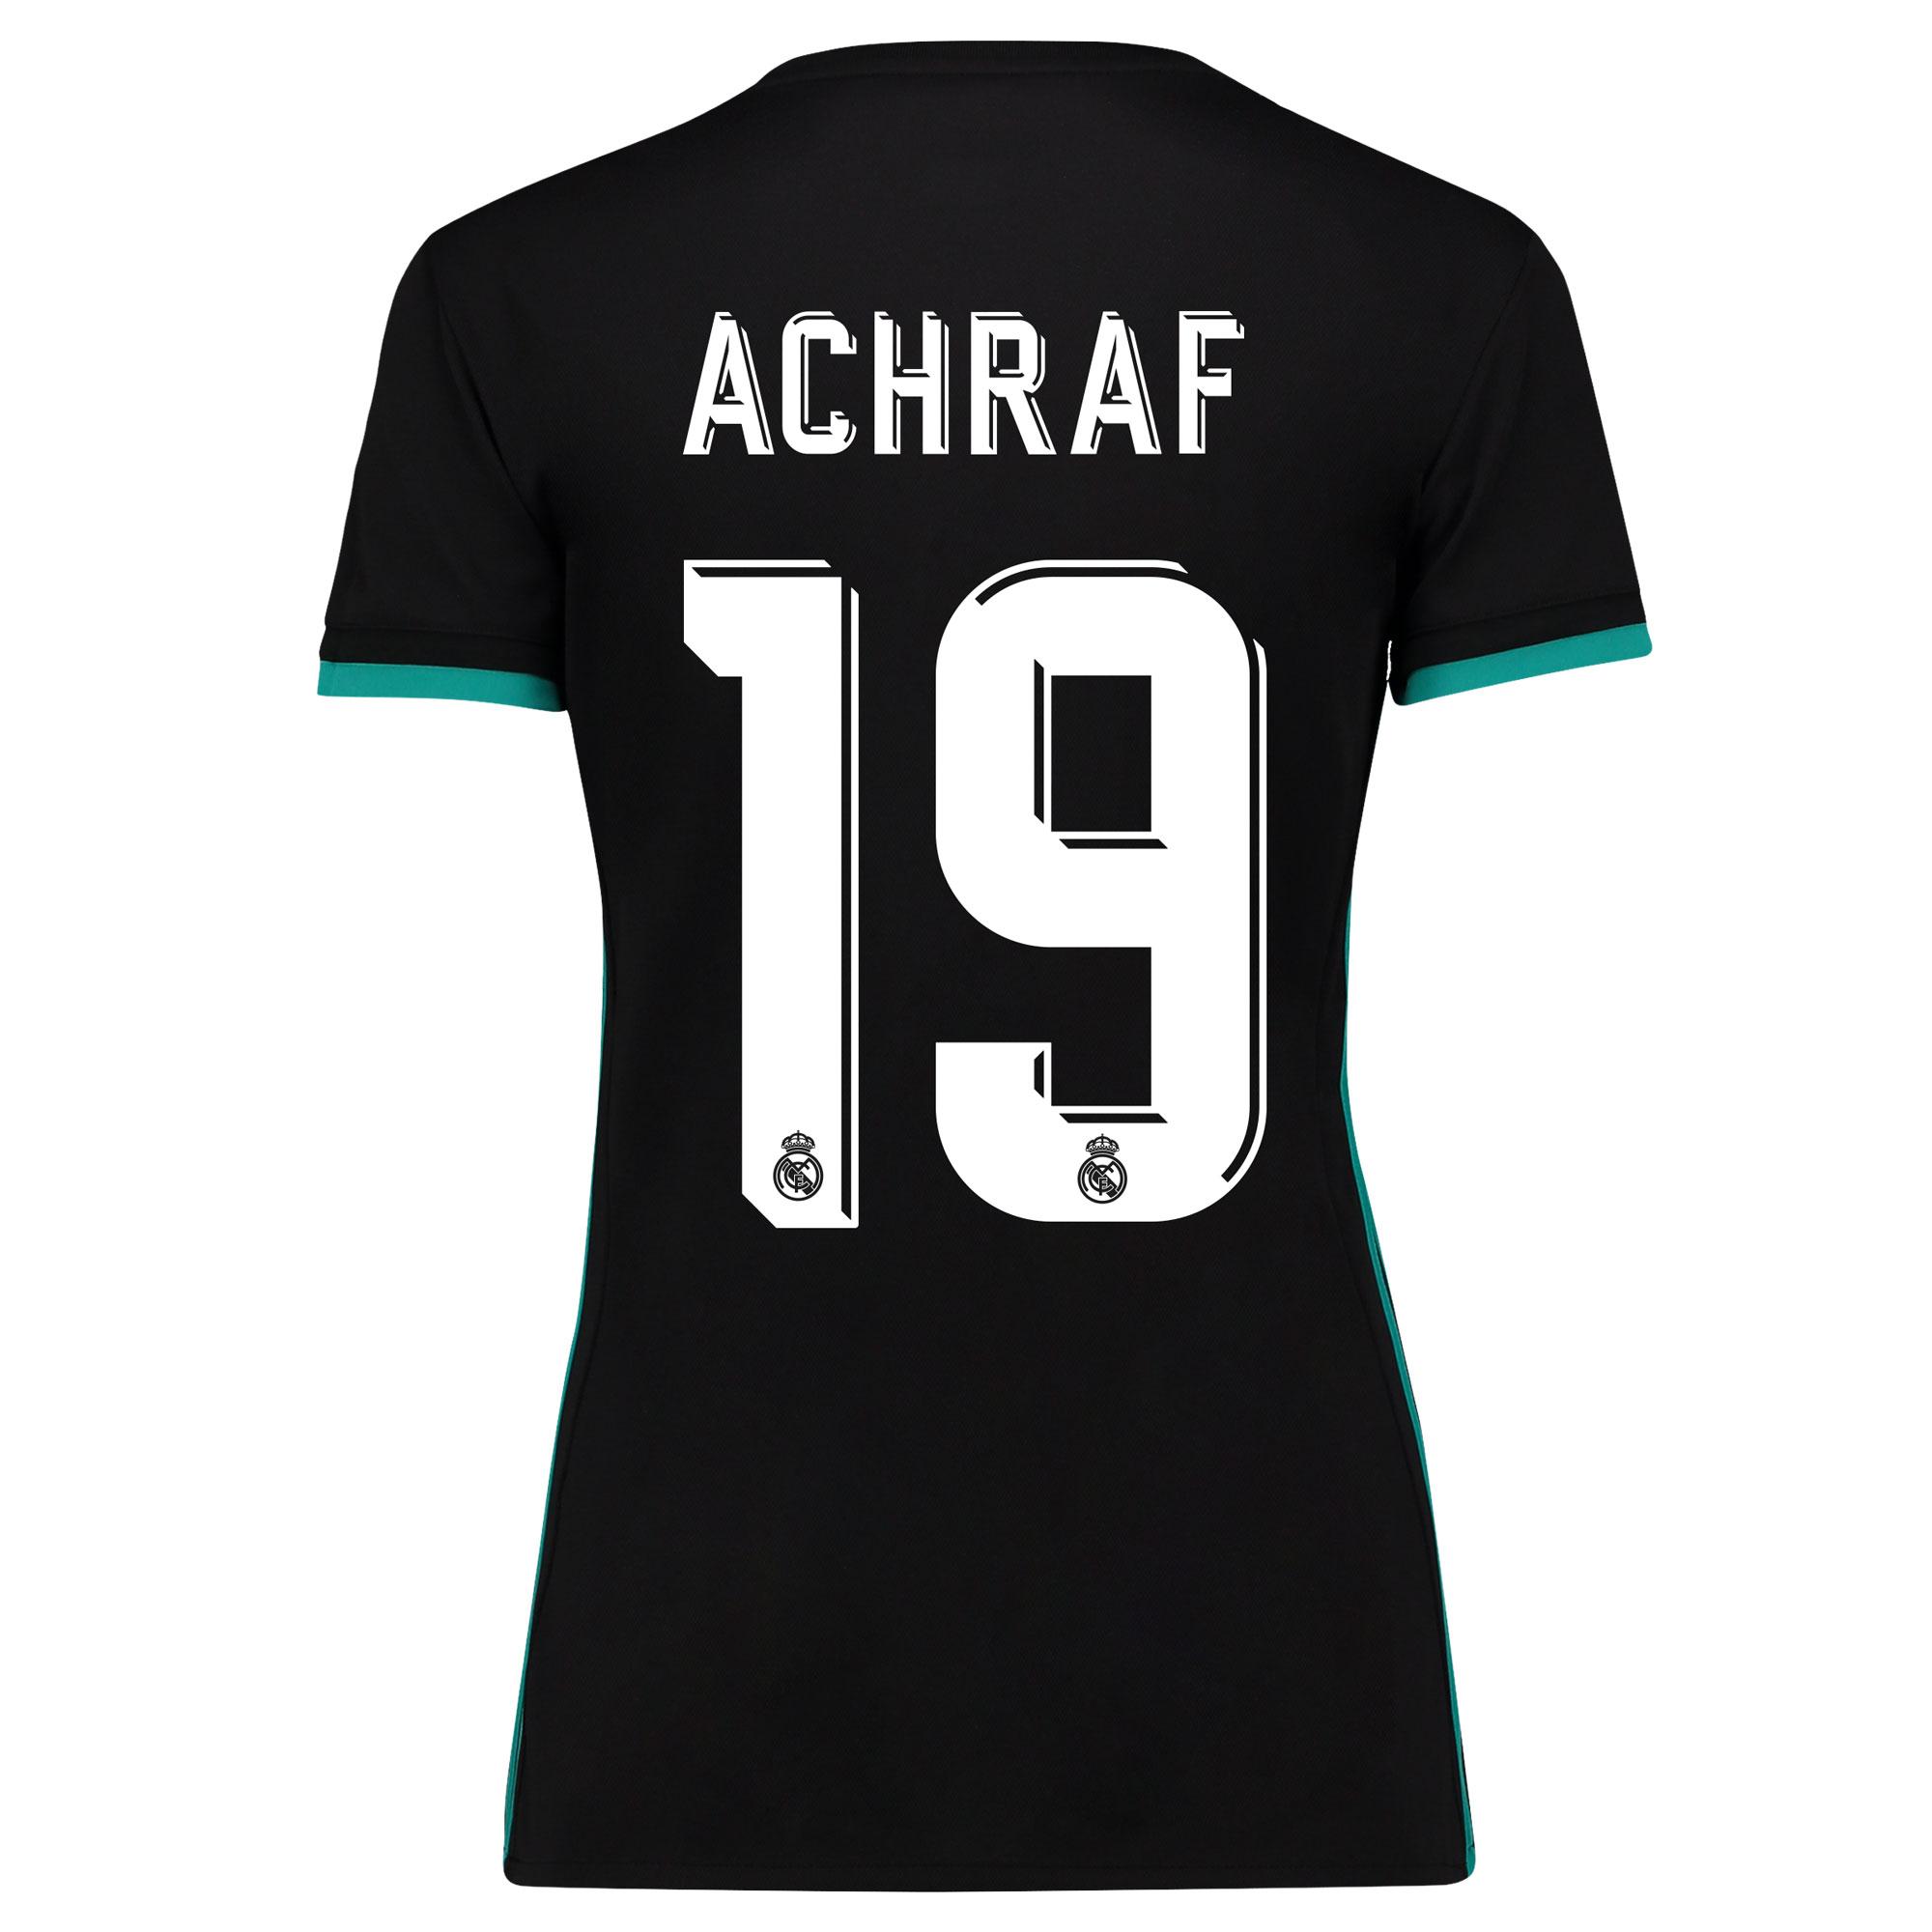 Camiseta de la 2ª equipación Real Madrid 2017/18 - Mujer con estampado Achraf 19